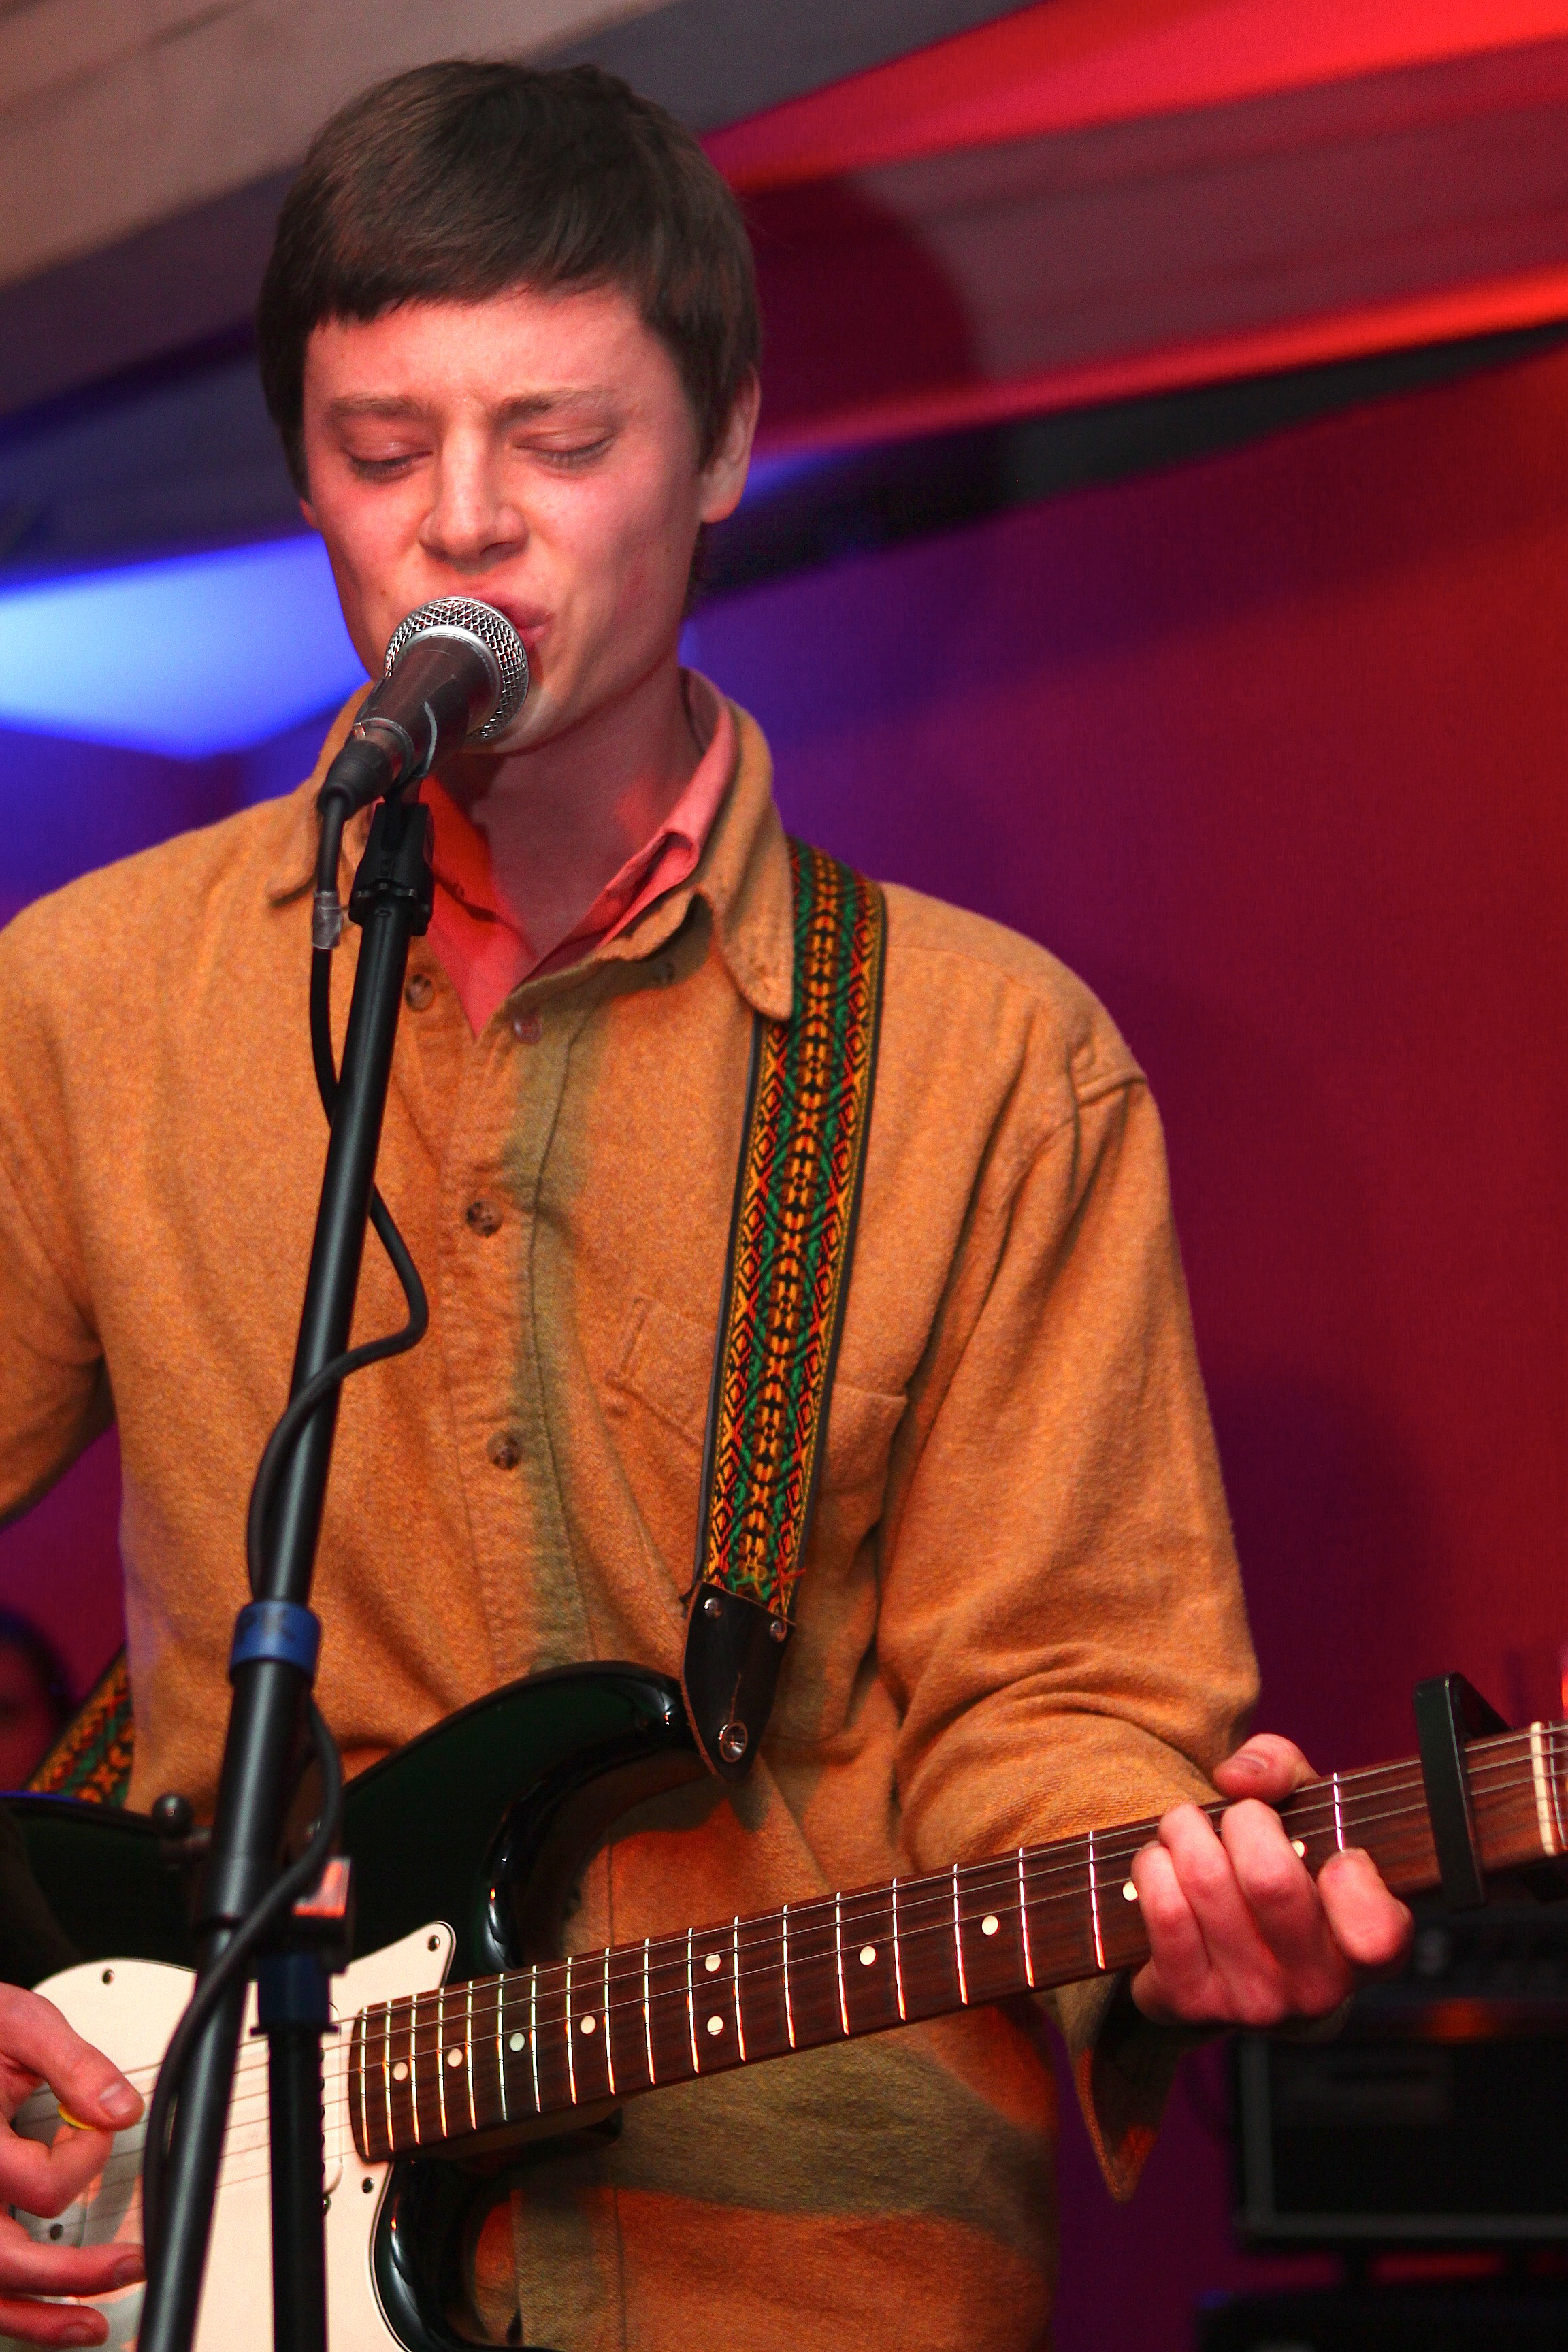 File:Ian Kehoe of Marine Dreams at APK LIVE in London Ontario 2012.jpg